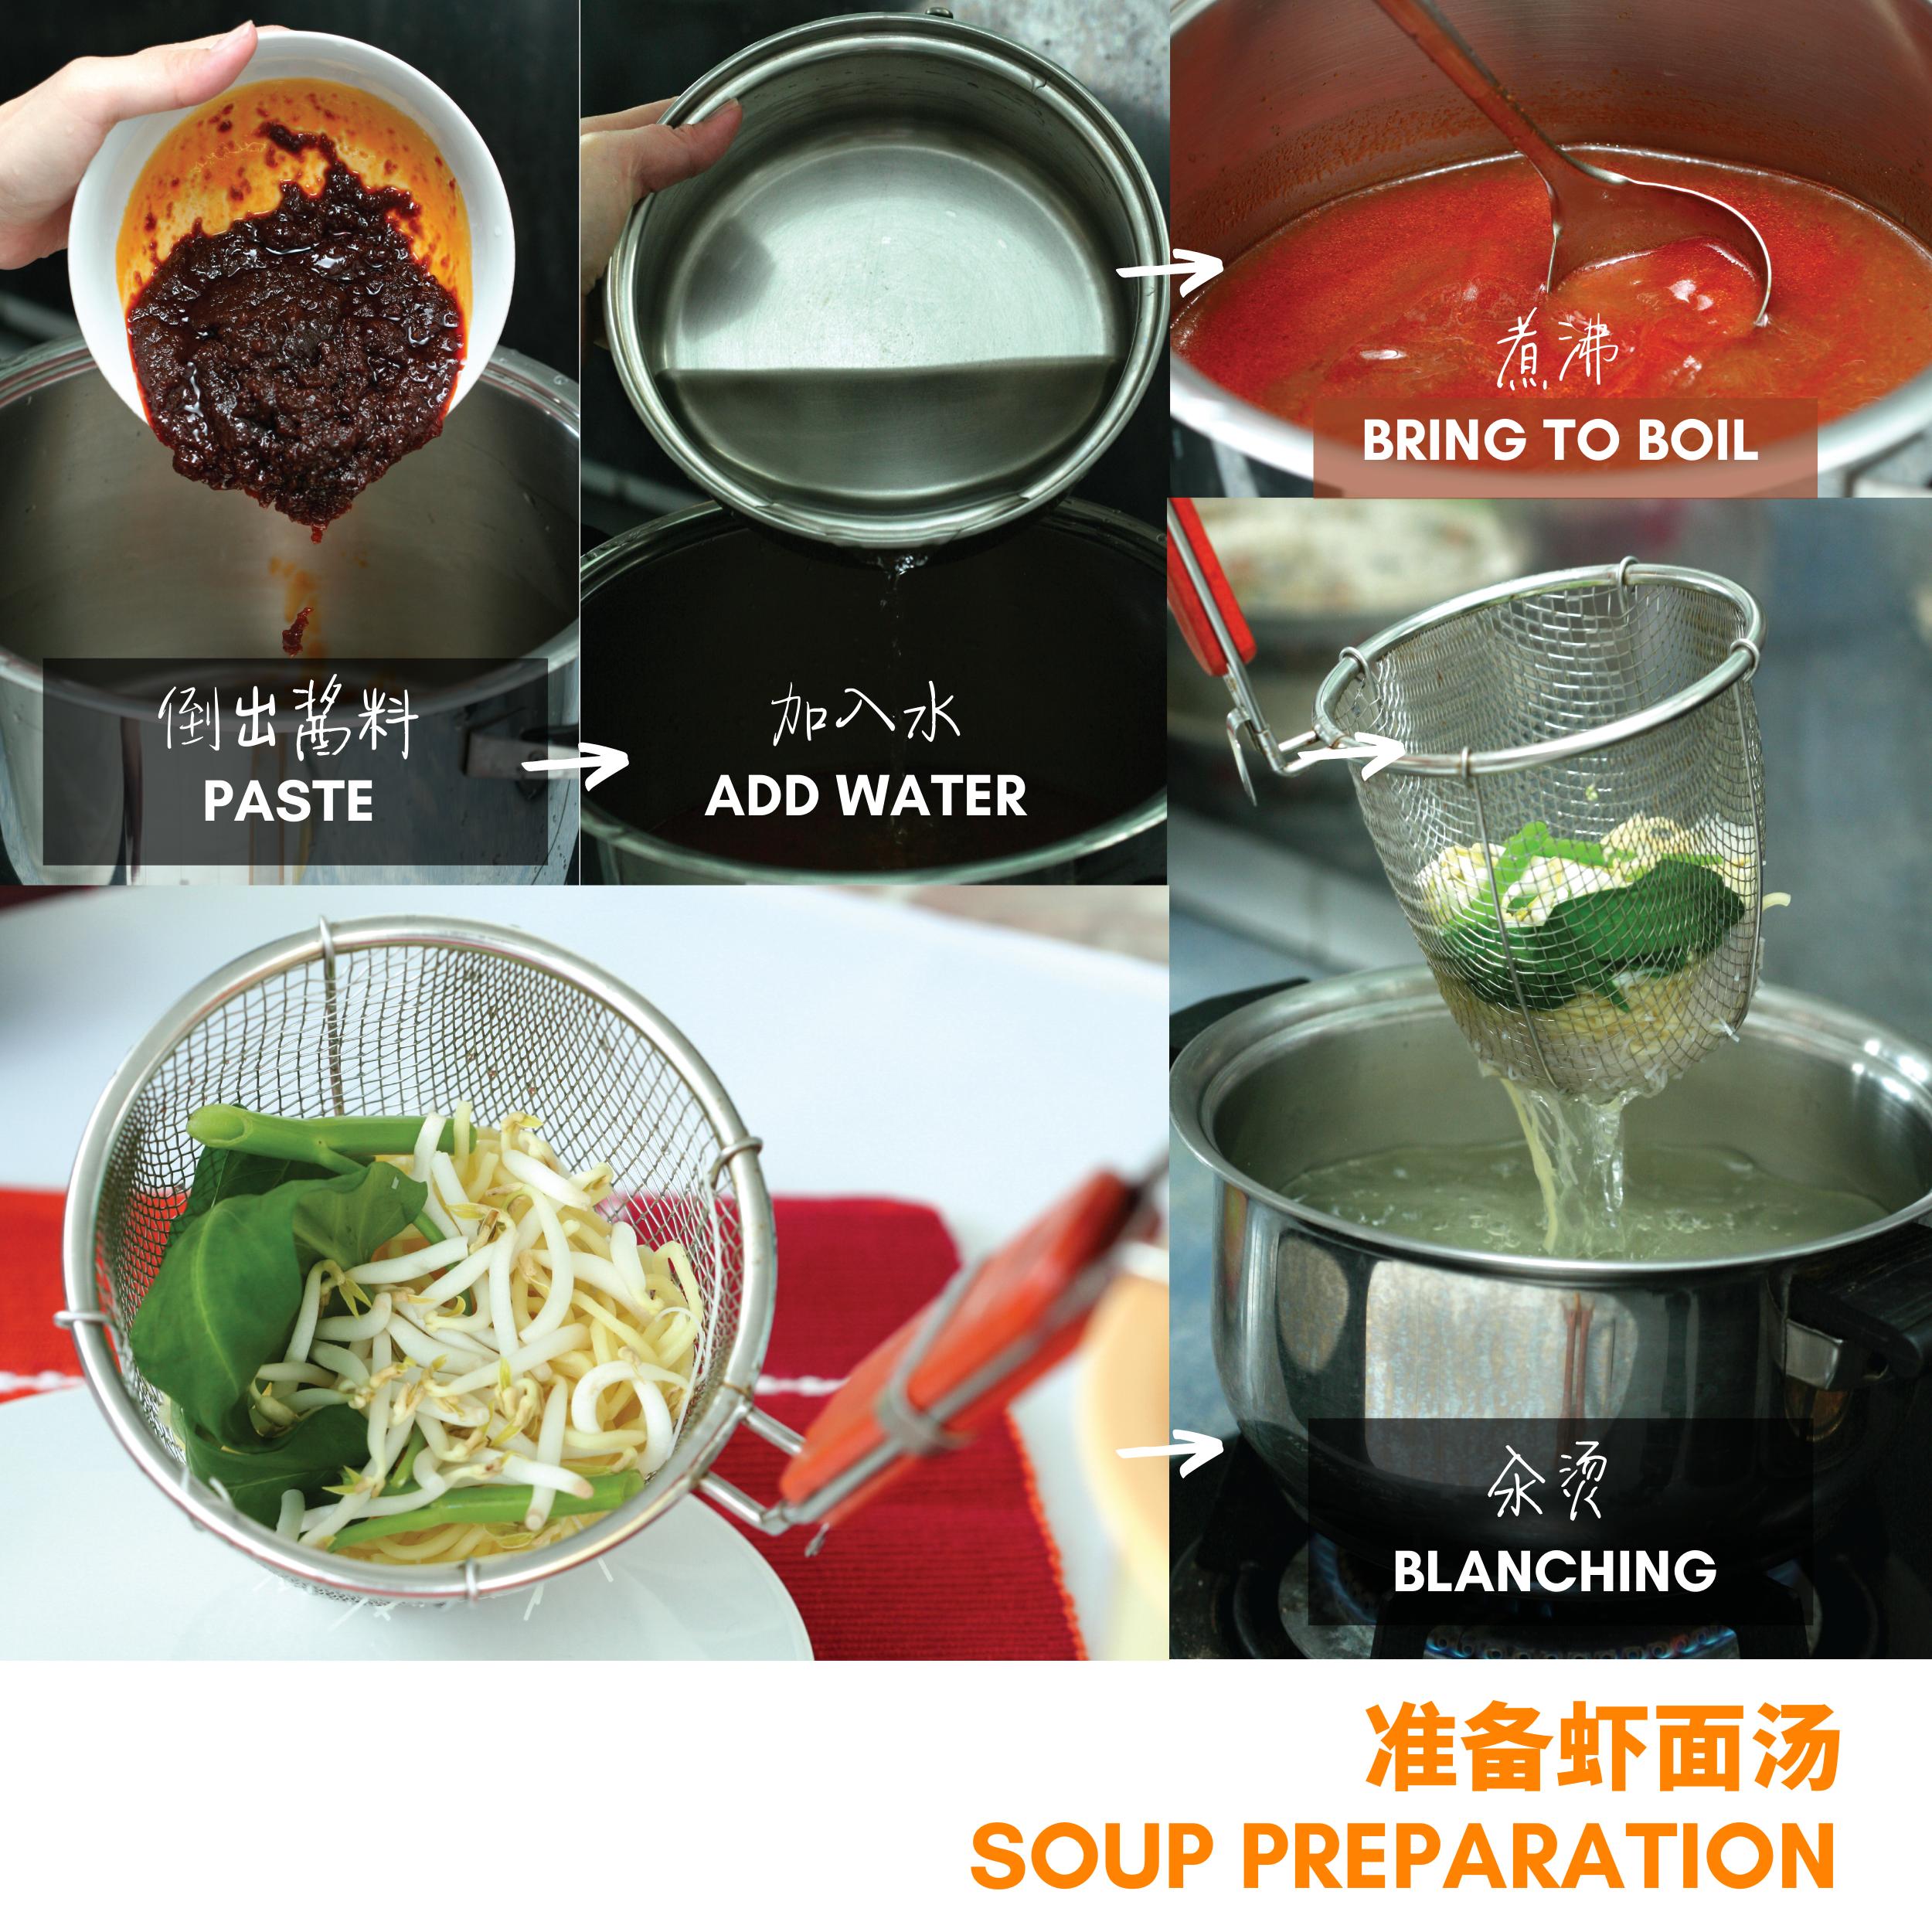 Hokkien Mee Cooking Instructions.png